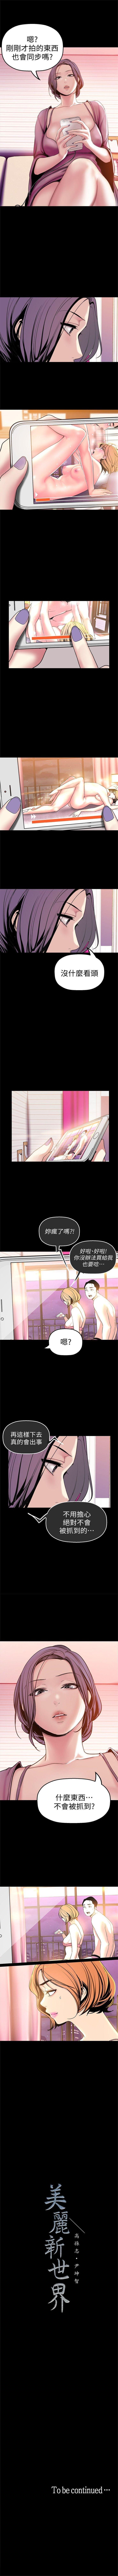 美麗新世界 1-85 官方中文(連載中) 248